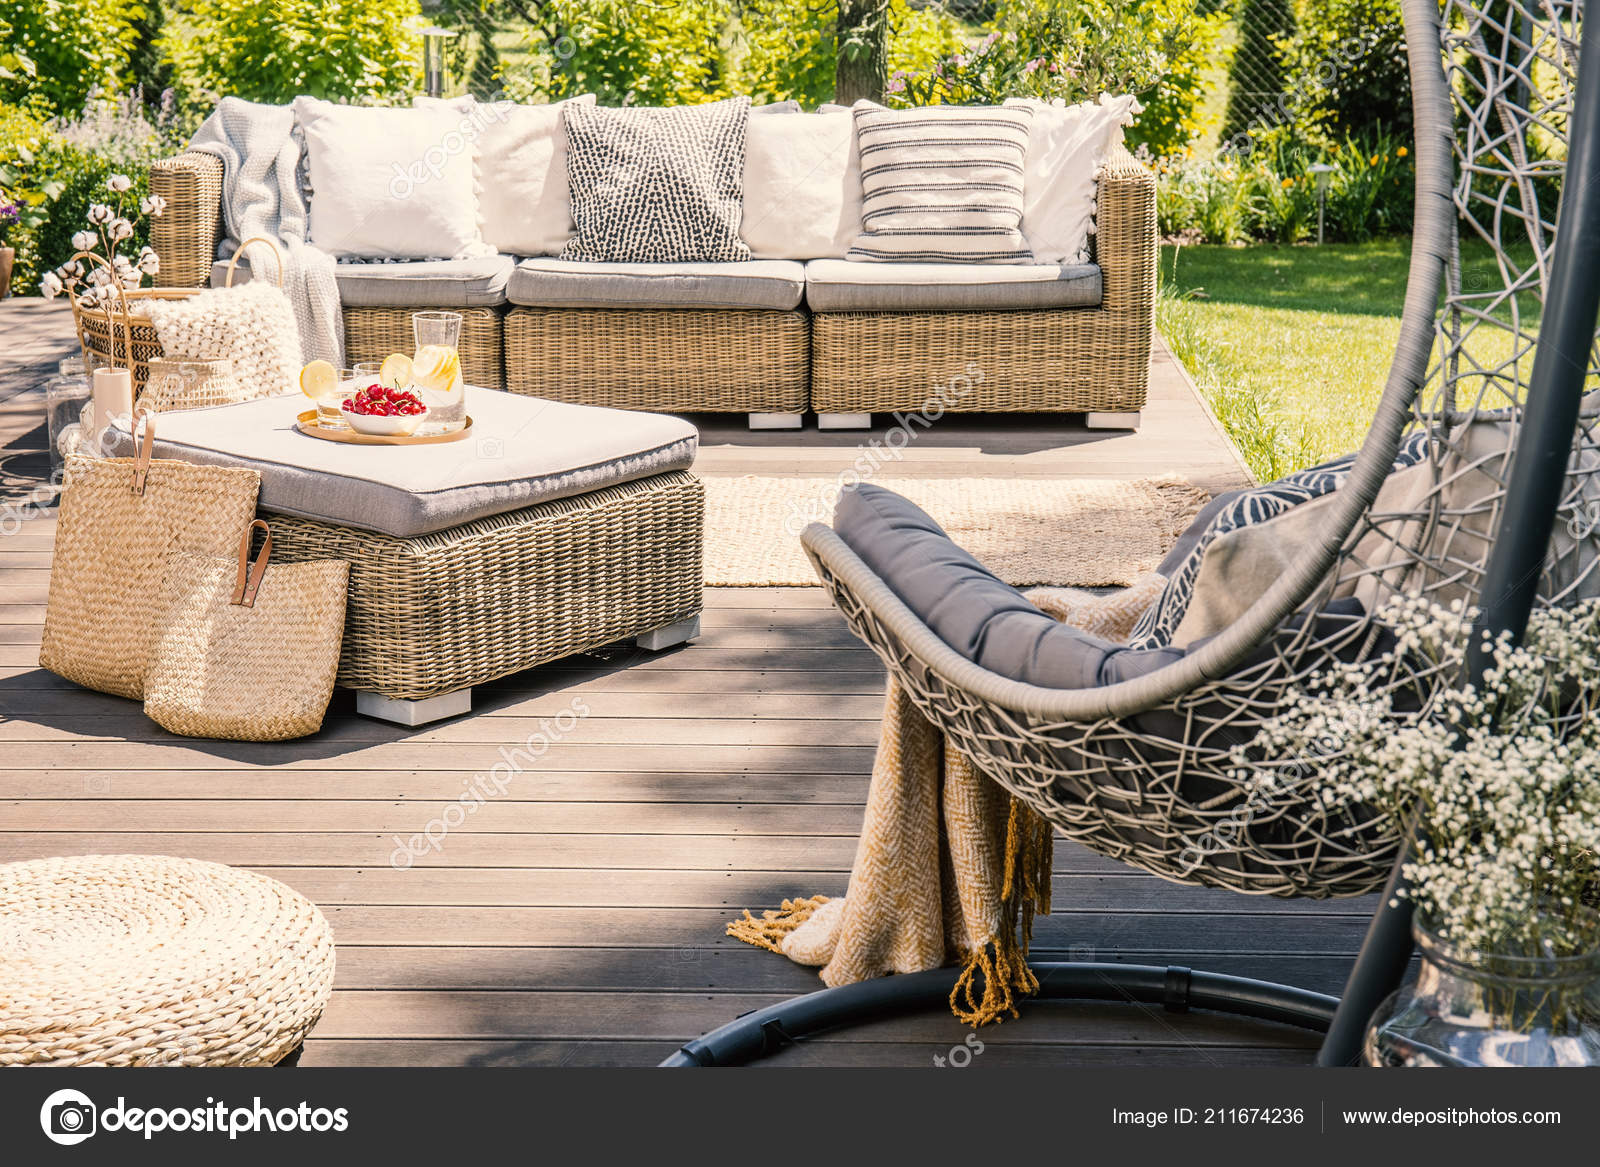 Kissen Auf Rattan Couch Der Nähe Von Tisch Auf Der Stockfoto